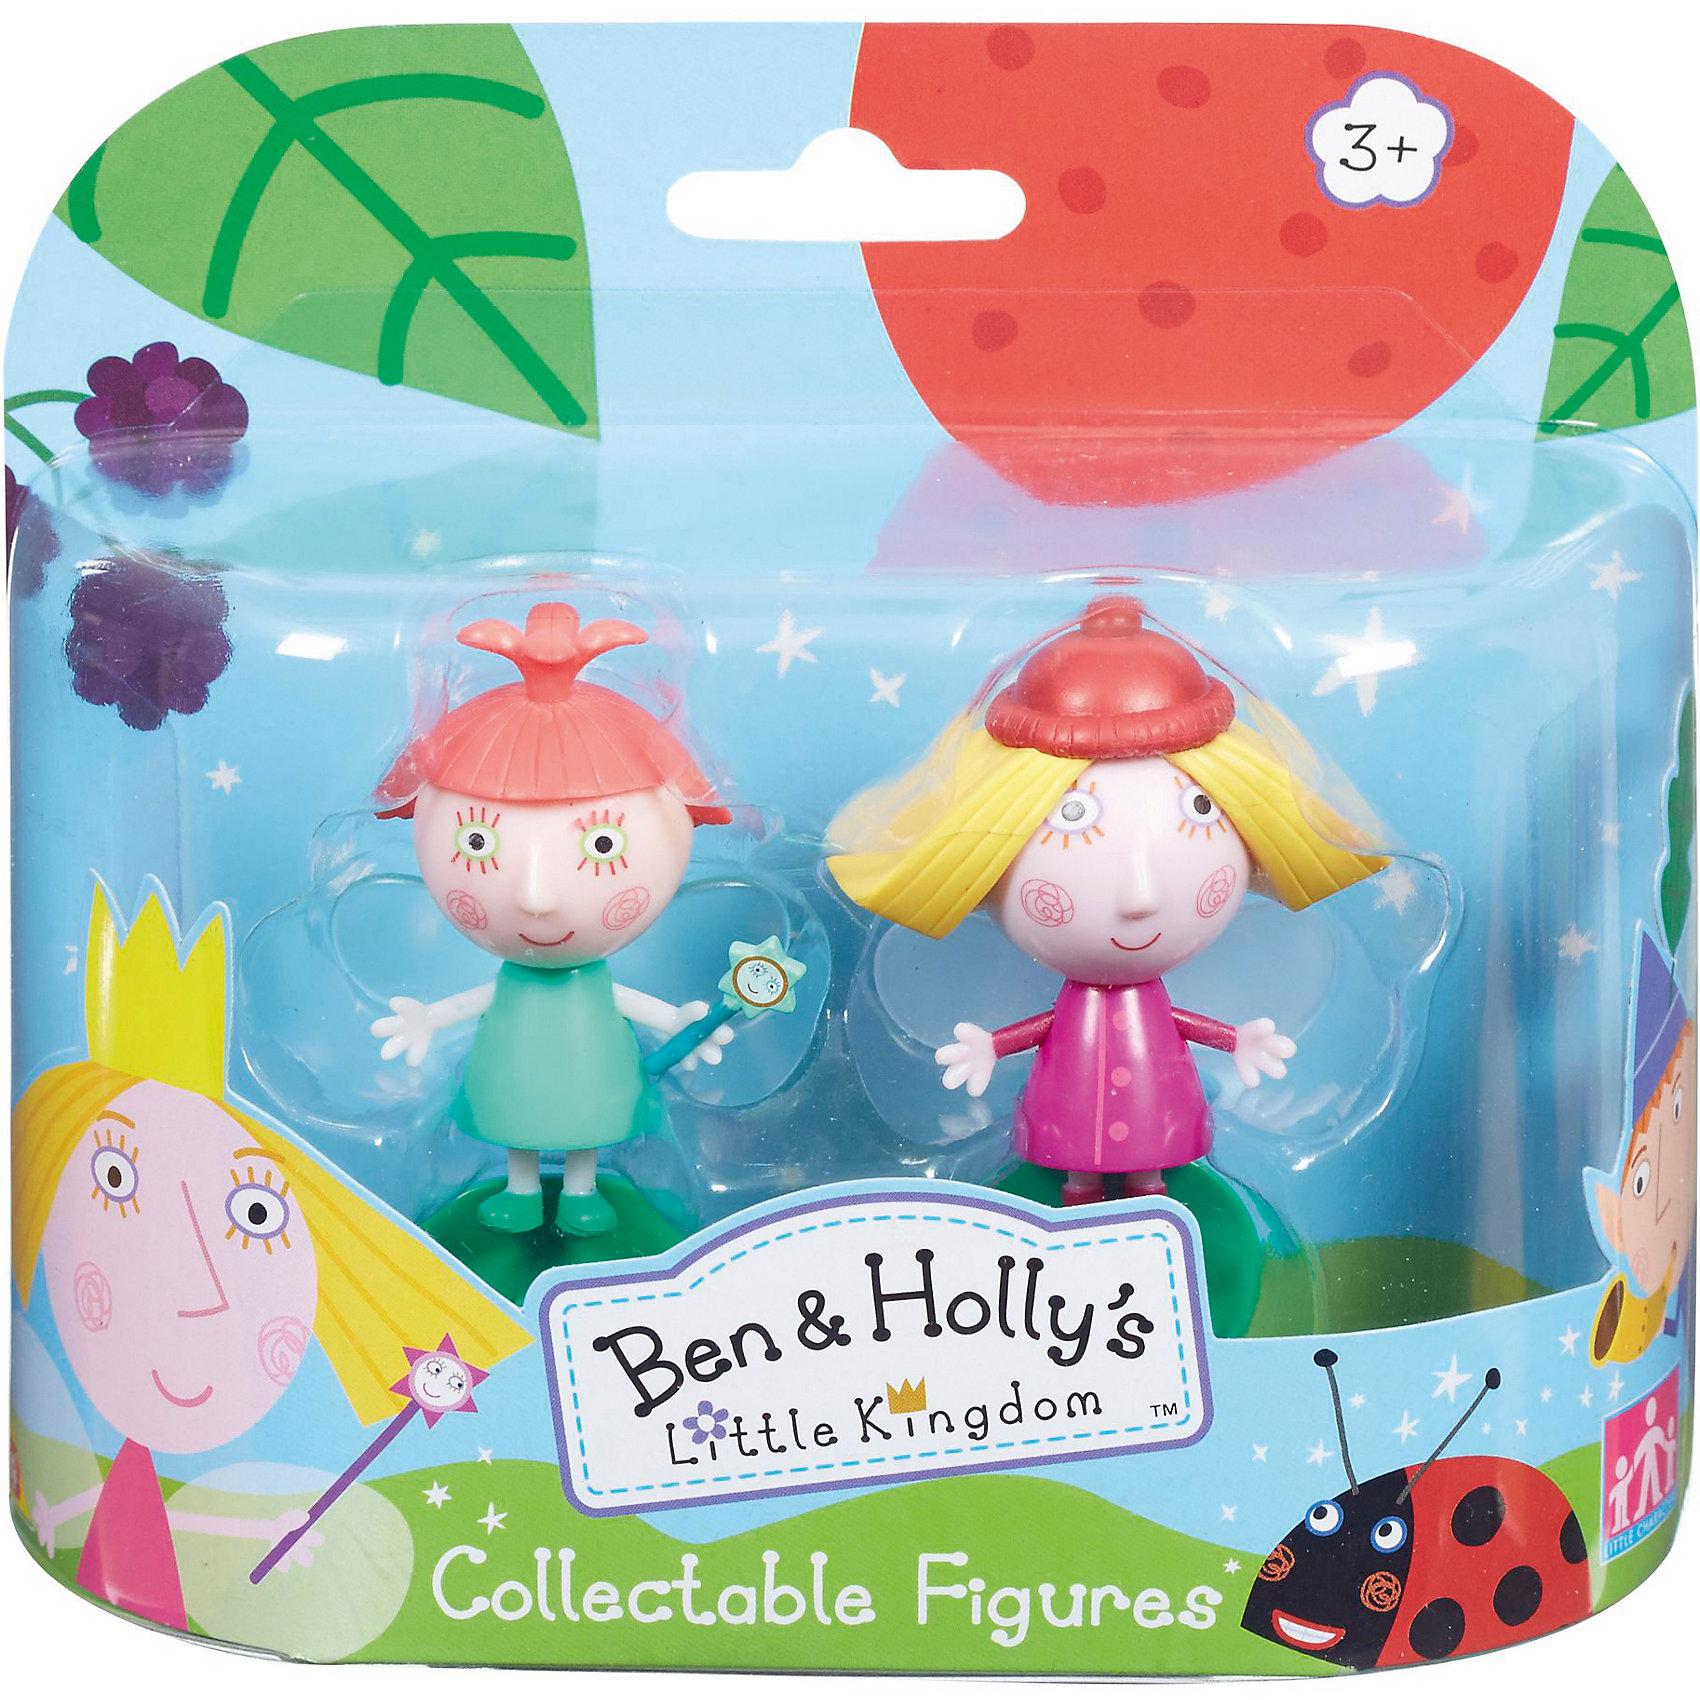 Игровой набор Холли и Стробери, Бен и ХоллиЛюбимые герои<br>Игровой набор Холли и Стробери приведет в восторг любителей мультика Маленькое королевство Бена и Холли. В наборе есть фигурки Холли и Стробери с подвижными деталями. Благодаря двигающимся рукам и ногам героев, с ними можно придумать множество игр, тем более, чтоб малышам нужно будет активнее задействовать пальчики и творческое мышление!<br>Набор сделан из высококачественного пластика, который безопасен для малышей. Набор яркий, очень симпатично смотрится. Он будет отличным подарком ребенку! Подобные игрушки отлично помогают развитию у детей воображения и моторики.<br><br>Дополнительная информация:<br><br>цвет: разноцветный;<br>материал: пластик;<br>комплектация: фигурки Холли и Стробери;<br>размер фигурки: 6 см;<br>размер упаковки: 14,5 х 15,5 х 5 см.<br><br>Игровой набор Холли и Стробери от бренда Бен и Холли можно приобрести в нашем интернет-магазине.<br><br>Ширина мм: 145<br>Глубина мм: 155<br>Высота мм: 50<br>Вес г: 118<br>Возраст от месяцев: 36<br>Возраст до месяцев: 2147483647<br>Пол: Унисекс<br>Возраст: Детский<br>SKU: 4970301